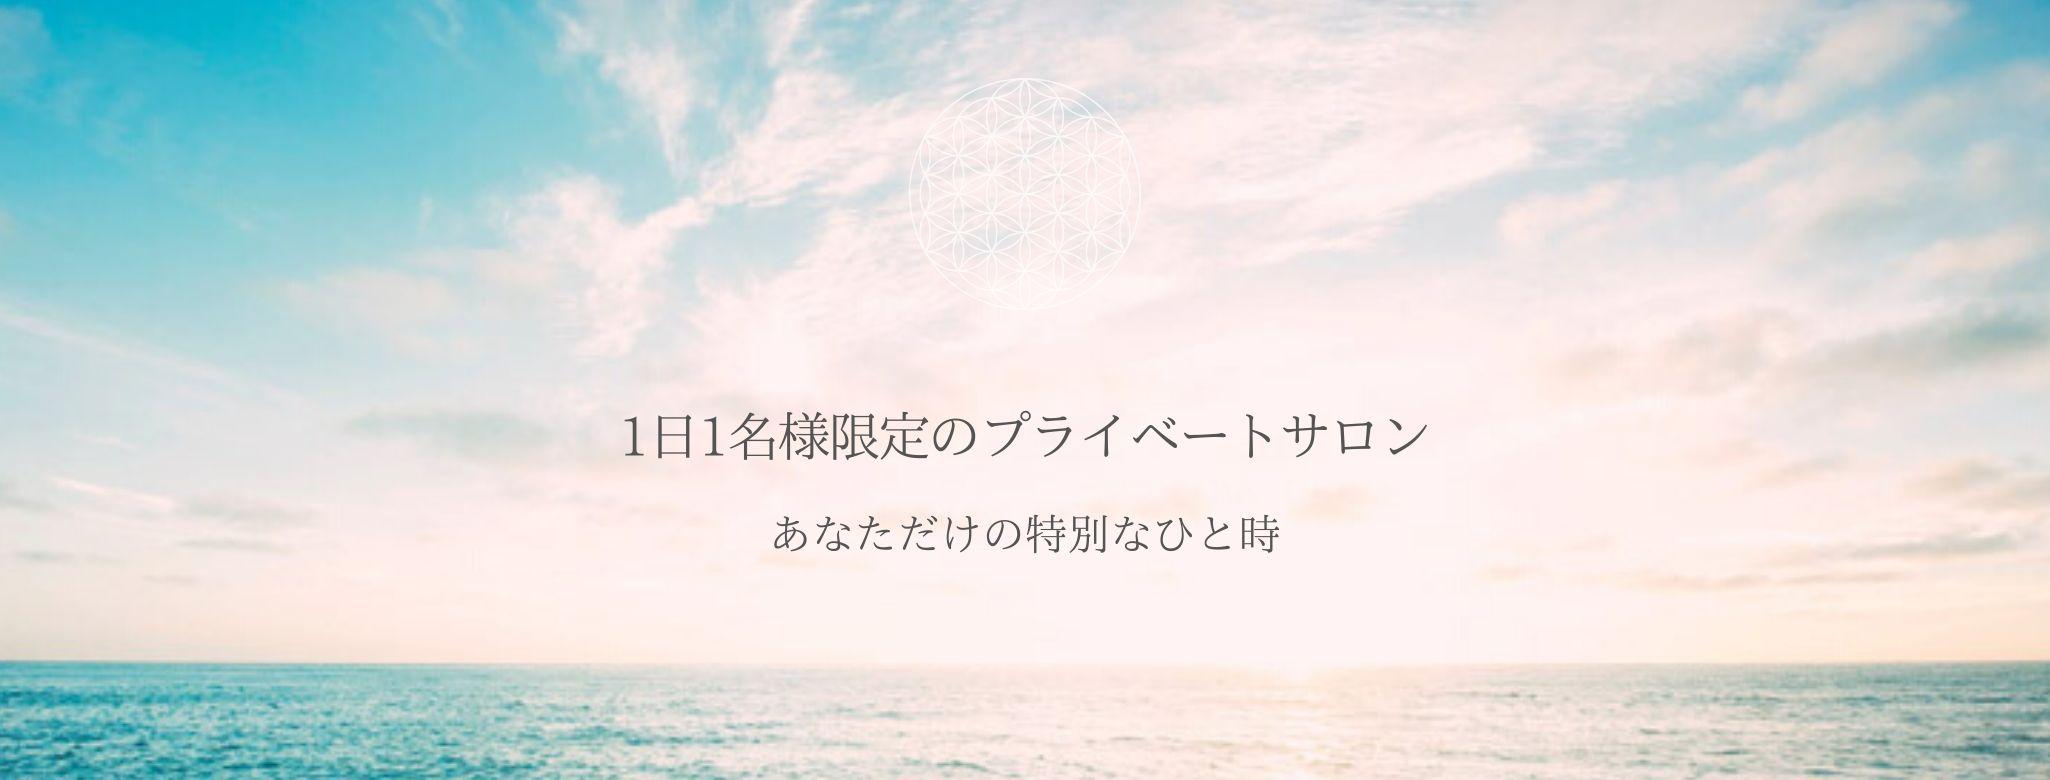 大阪,ヒーリングサロン,レイキヒーリング,クラニオセイクラル,レイキヒーリングセミナー